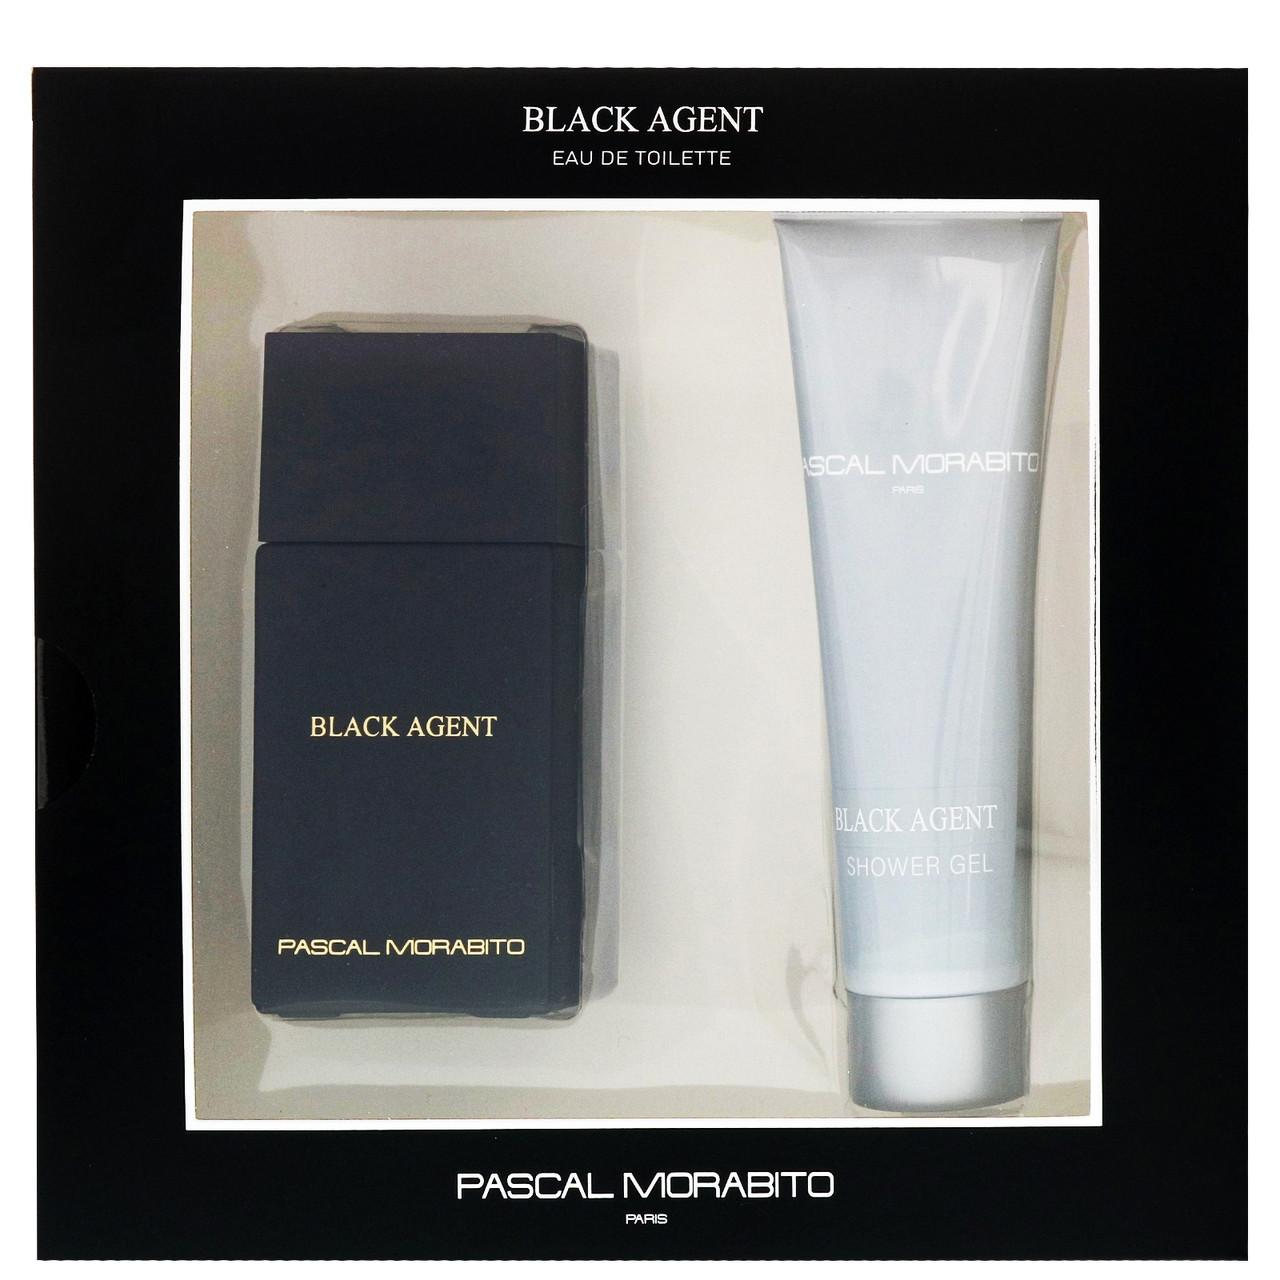 Pascal Morabito Black Agent Gift Set edt 100ml + shower gel 100ml